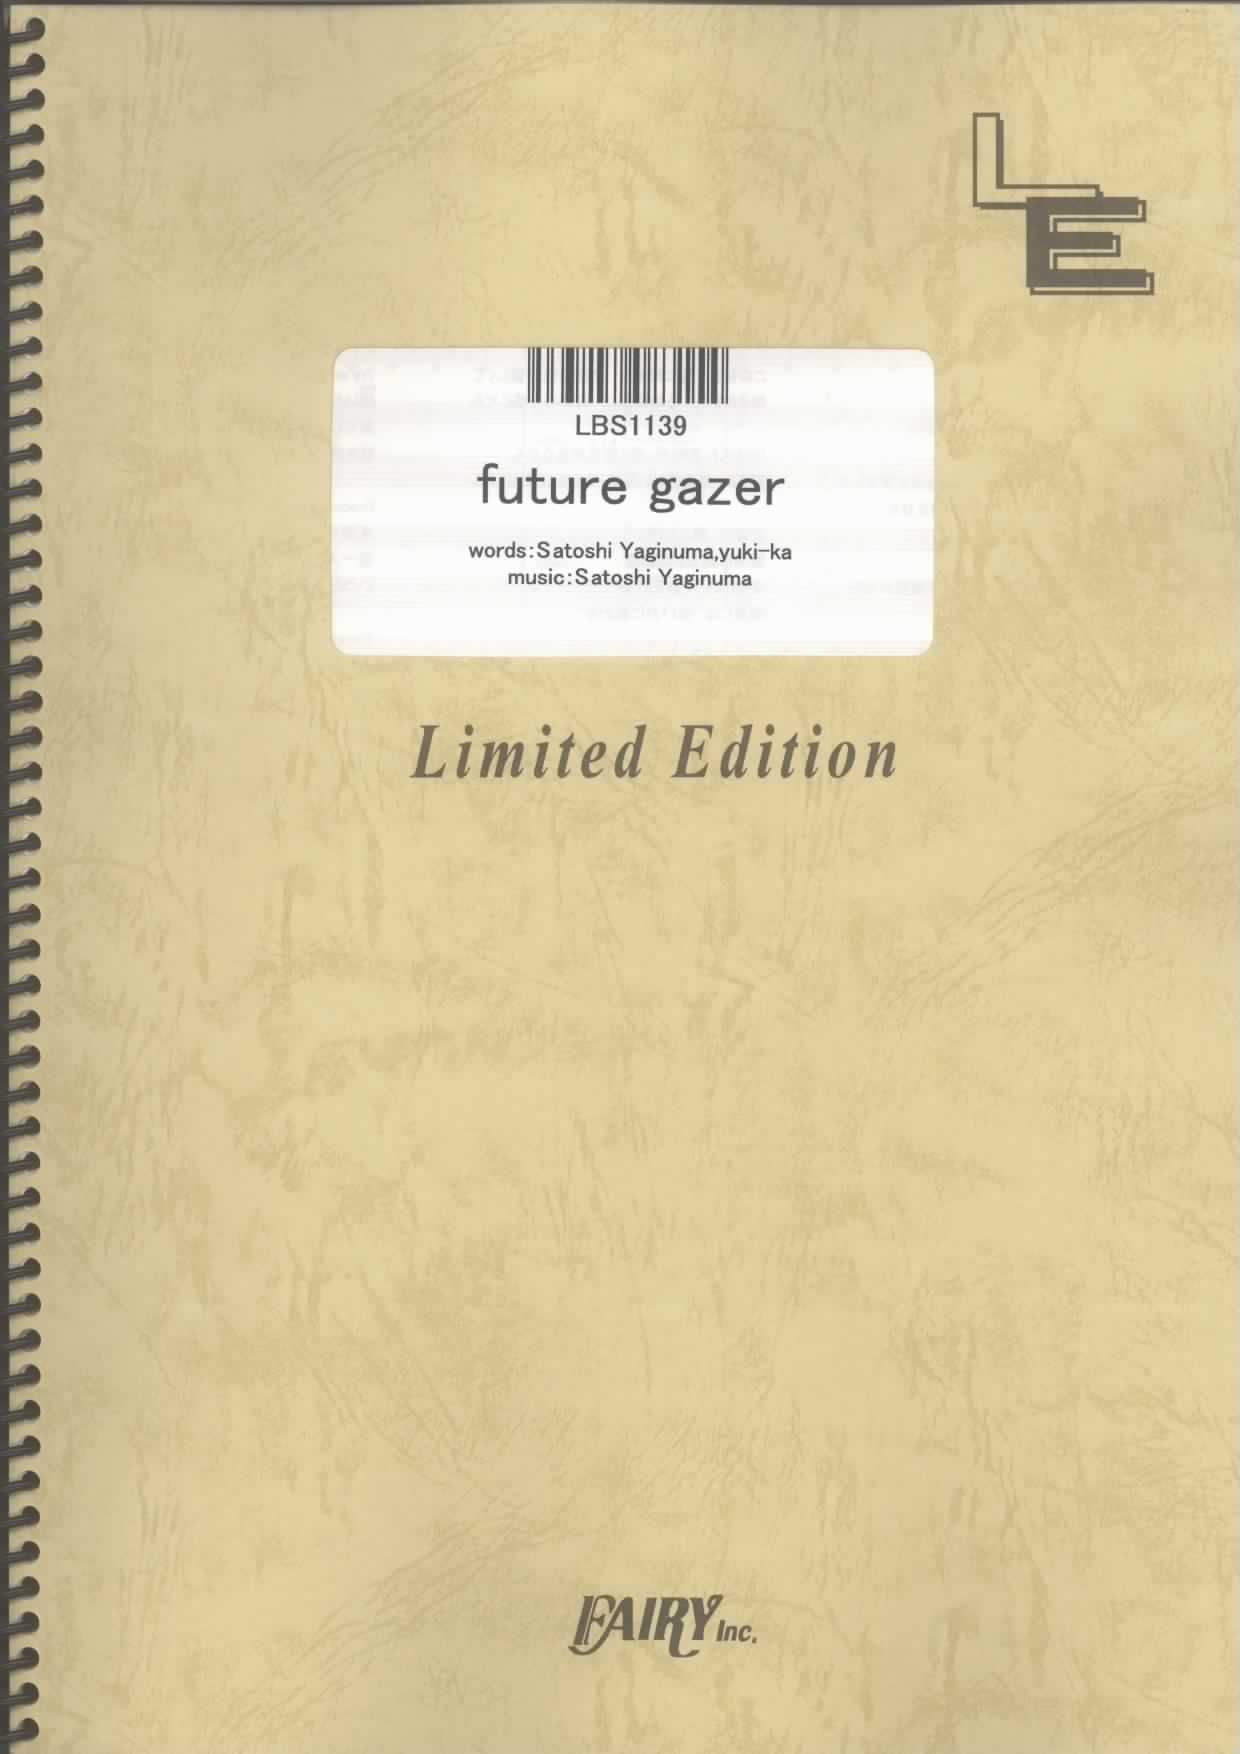 future gazer (A Certain Scientific Railgun: Misaka-san wa Ima Chuumoku no Mato Desukara Openings) by fripSide LBS1139 PDF